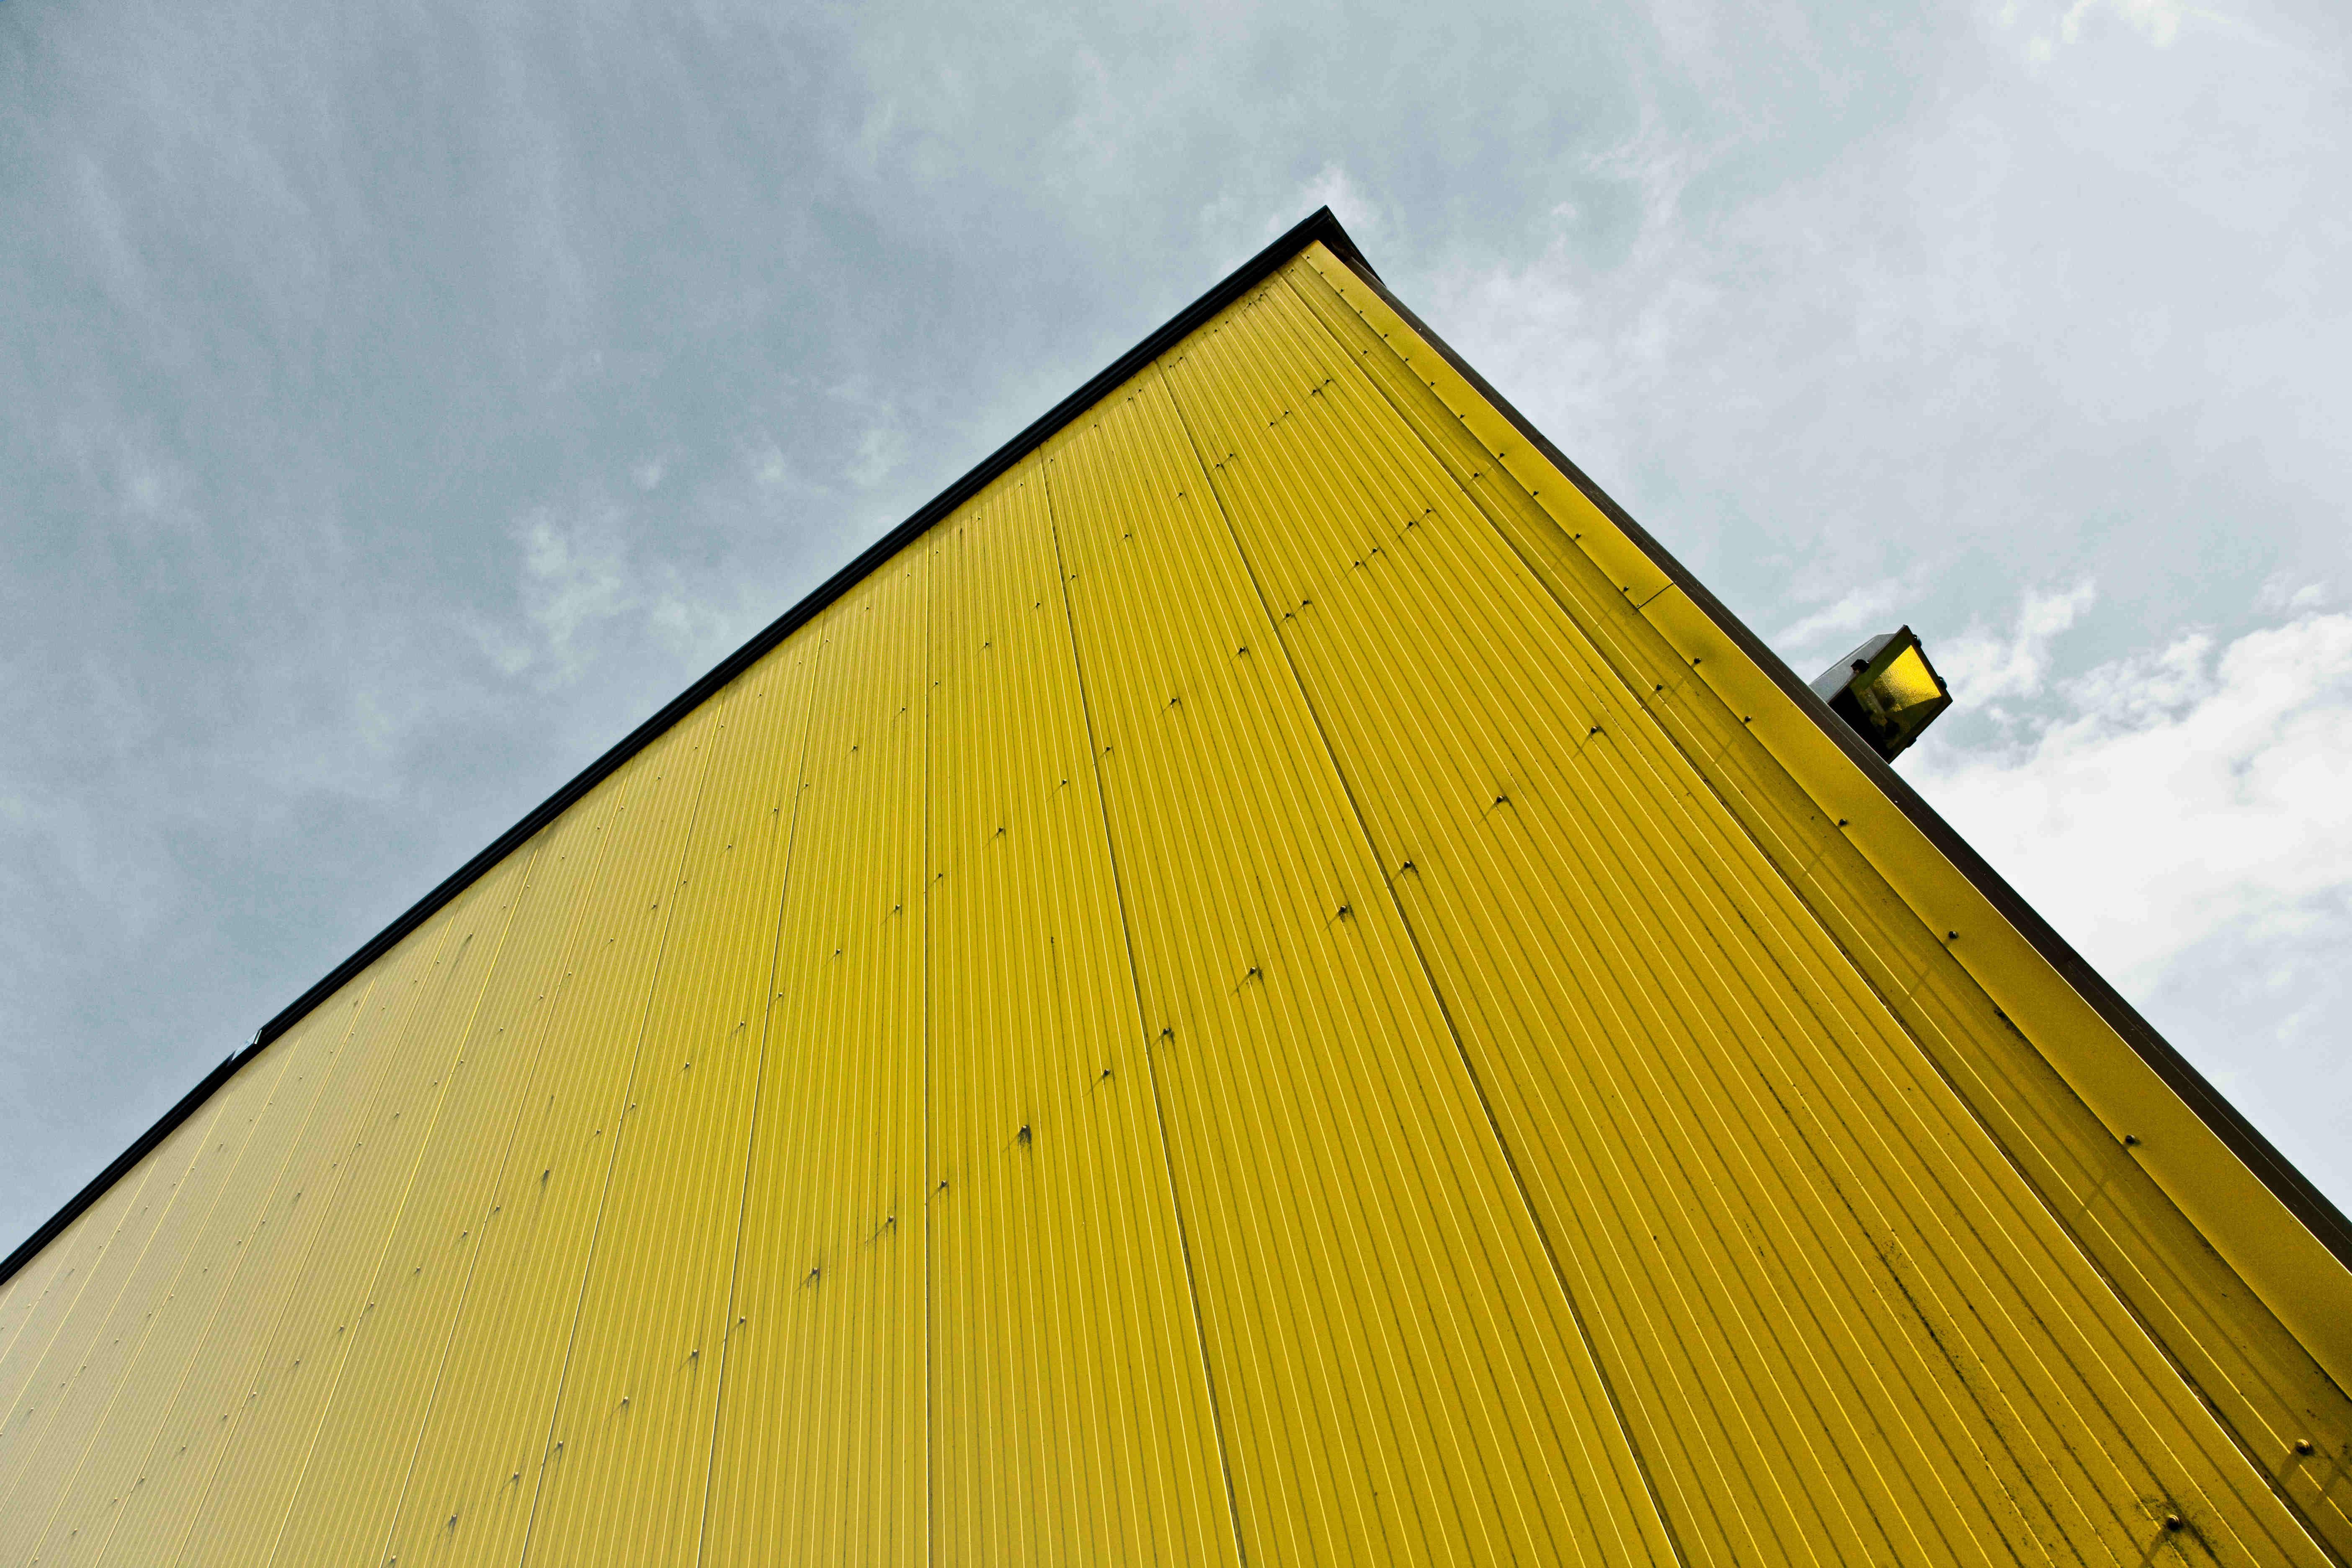 Spedition möbel einlagern  Self-Storage – Möbel einlagern - Mein Umzug - Umzugsinformationen ...